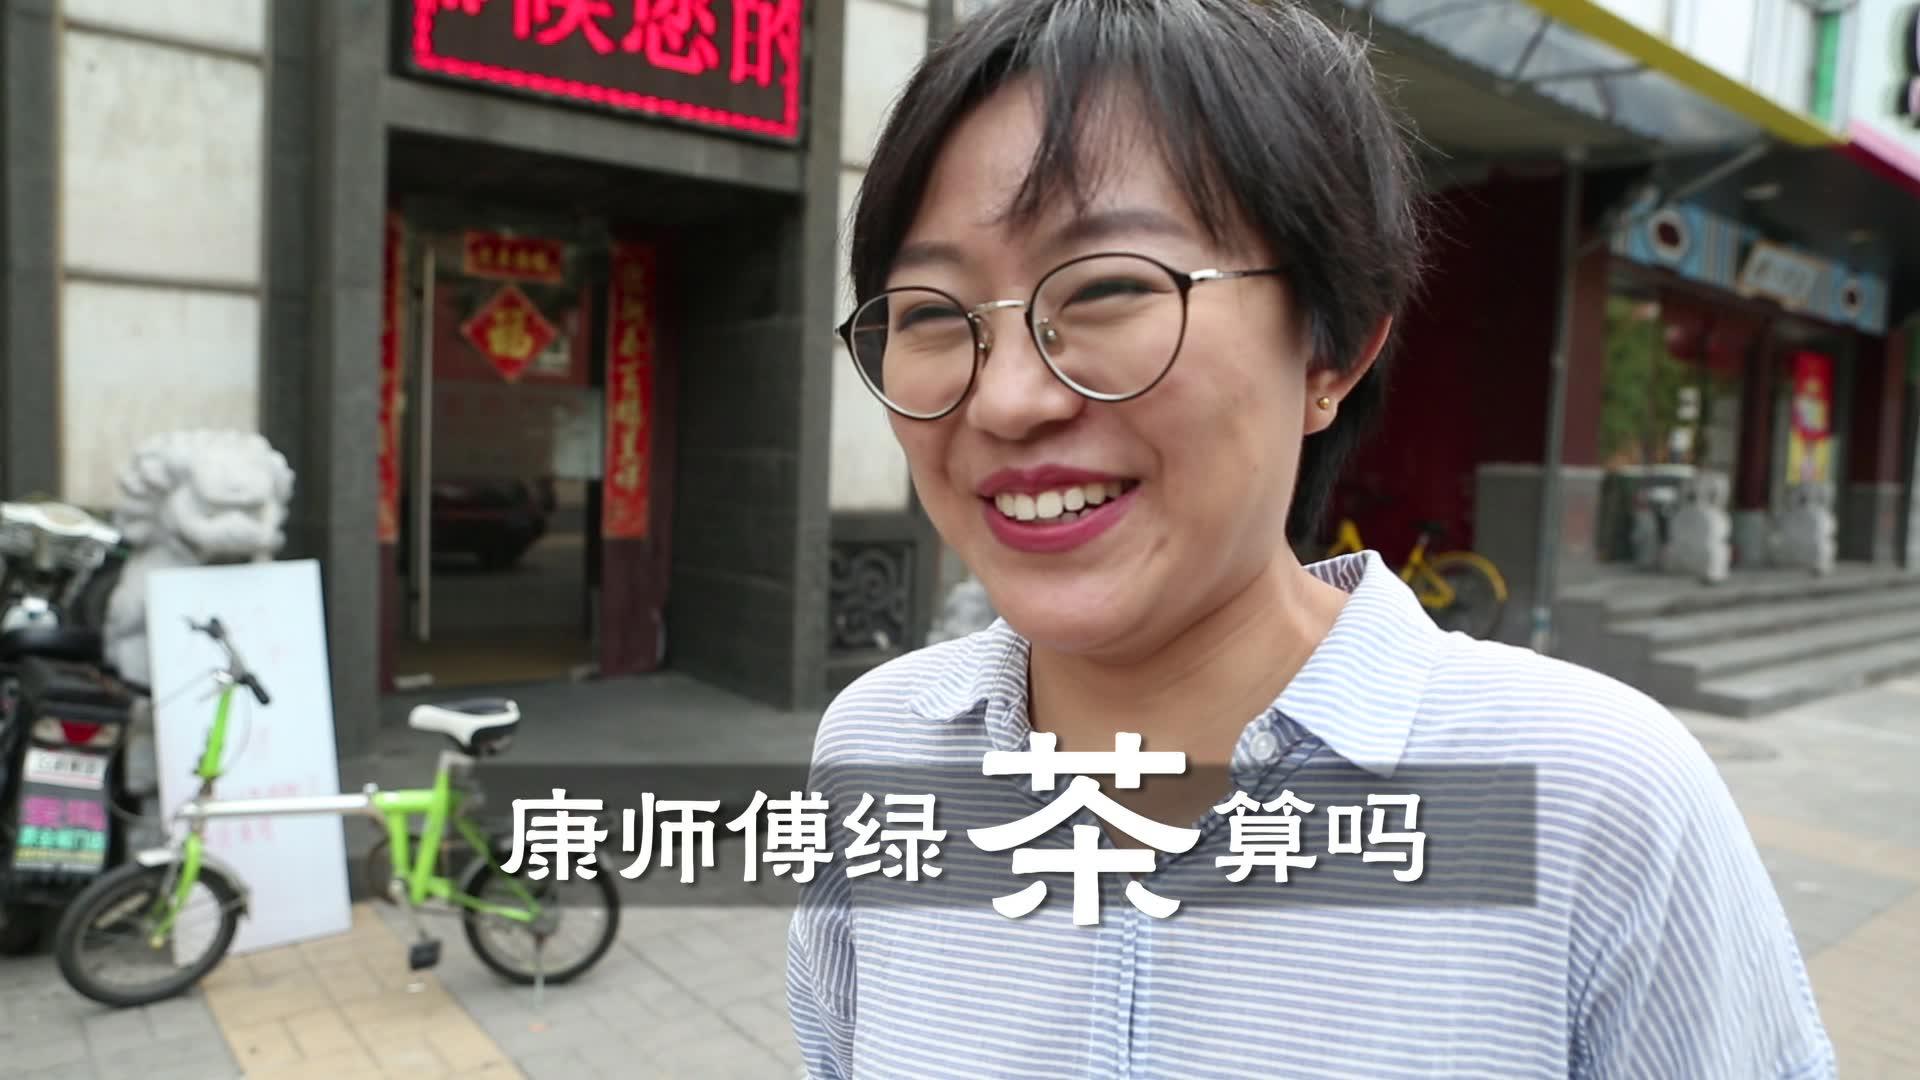 《茶界中国》采访版30秒